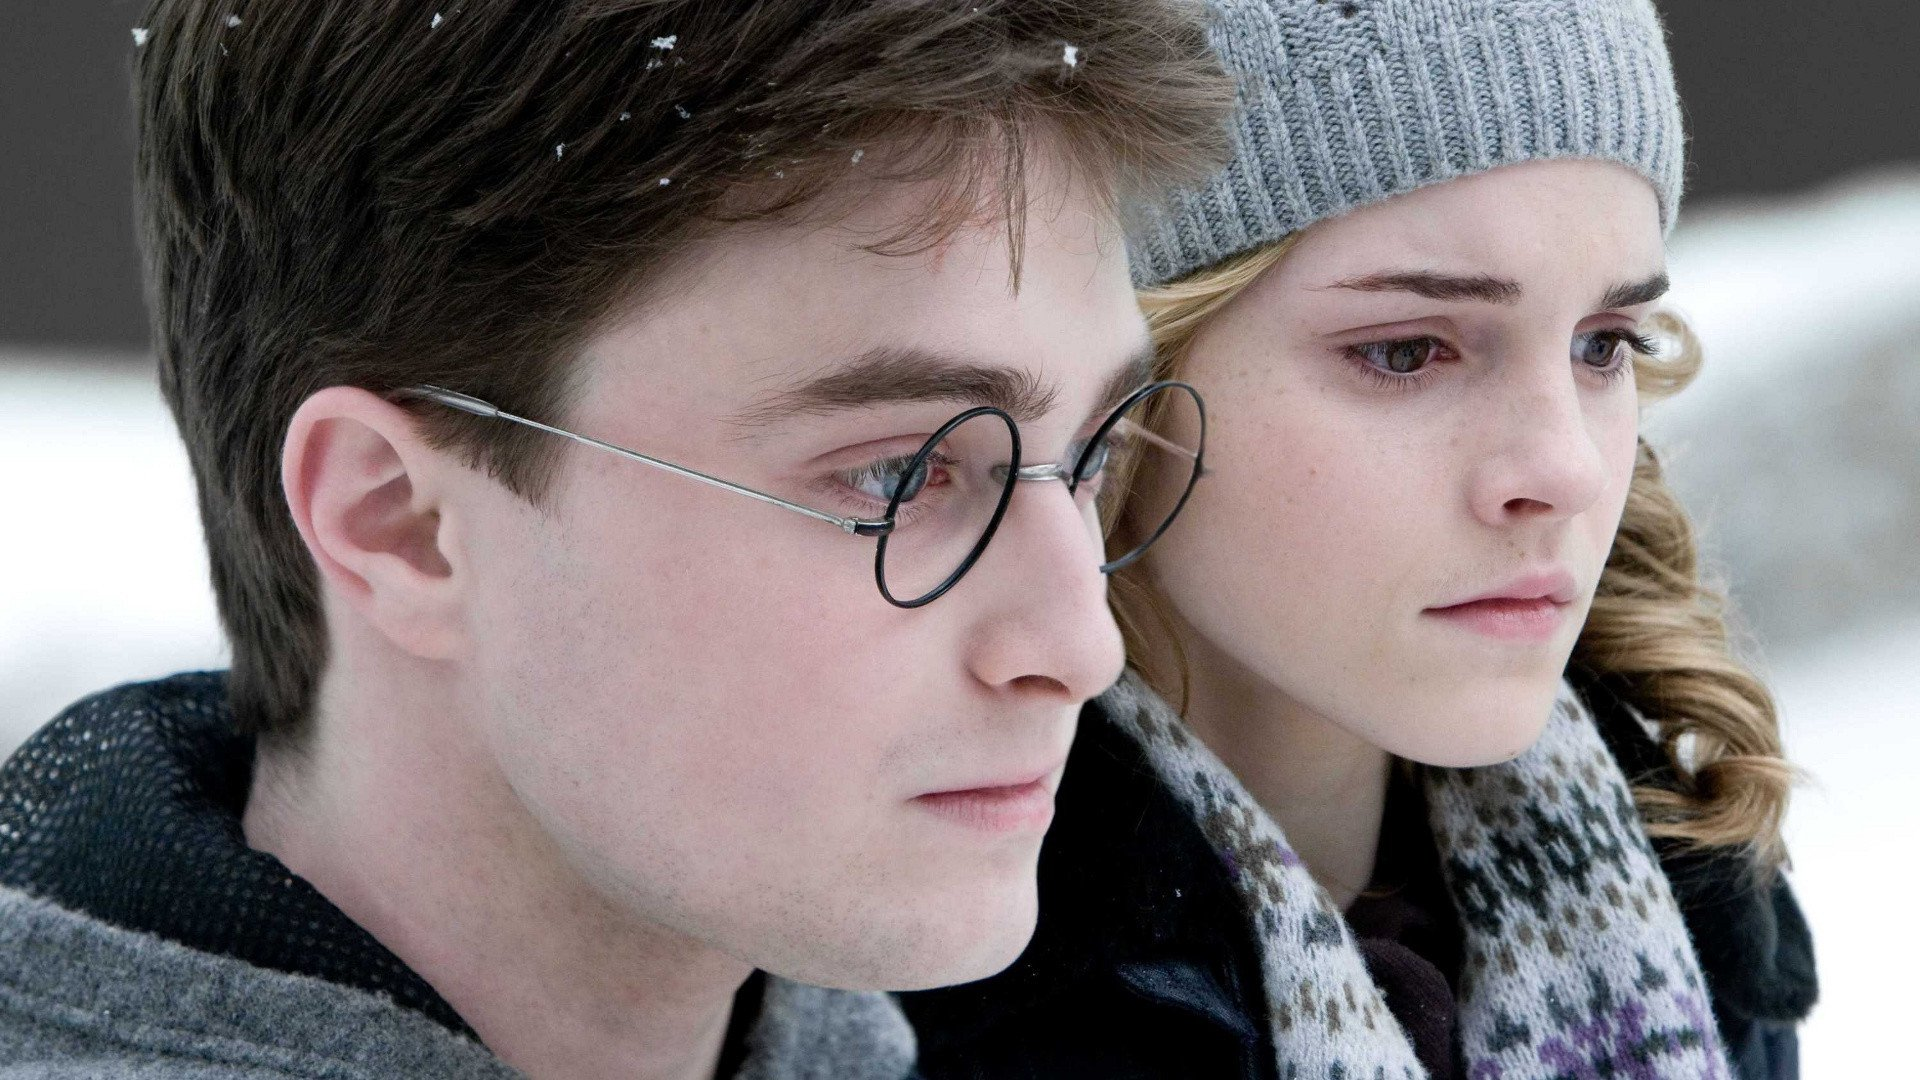 Гарри Поттер и Принц-полукровка смотреть фото